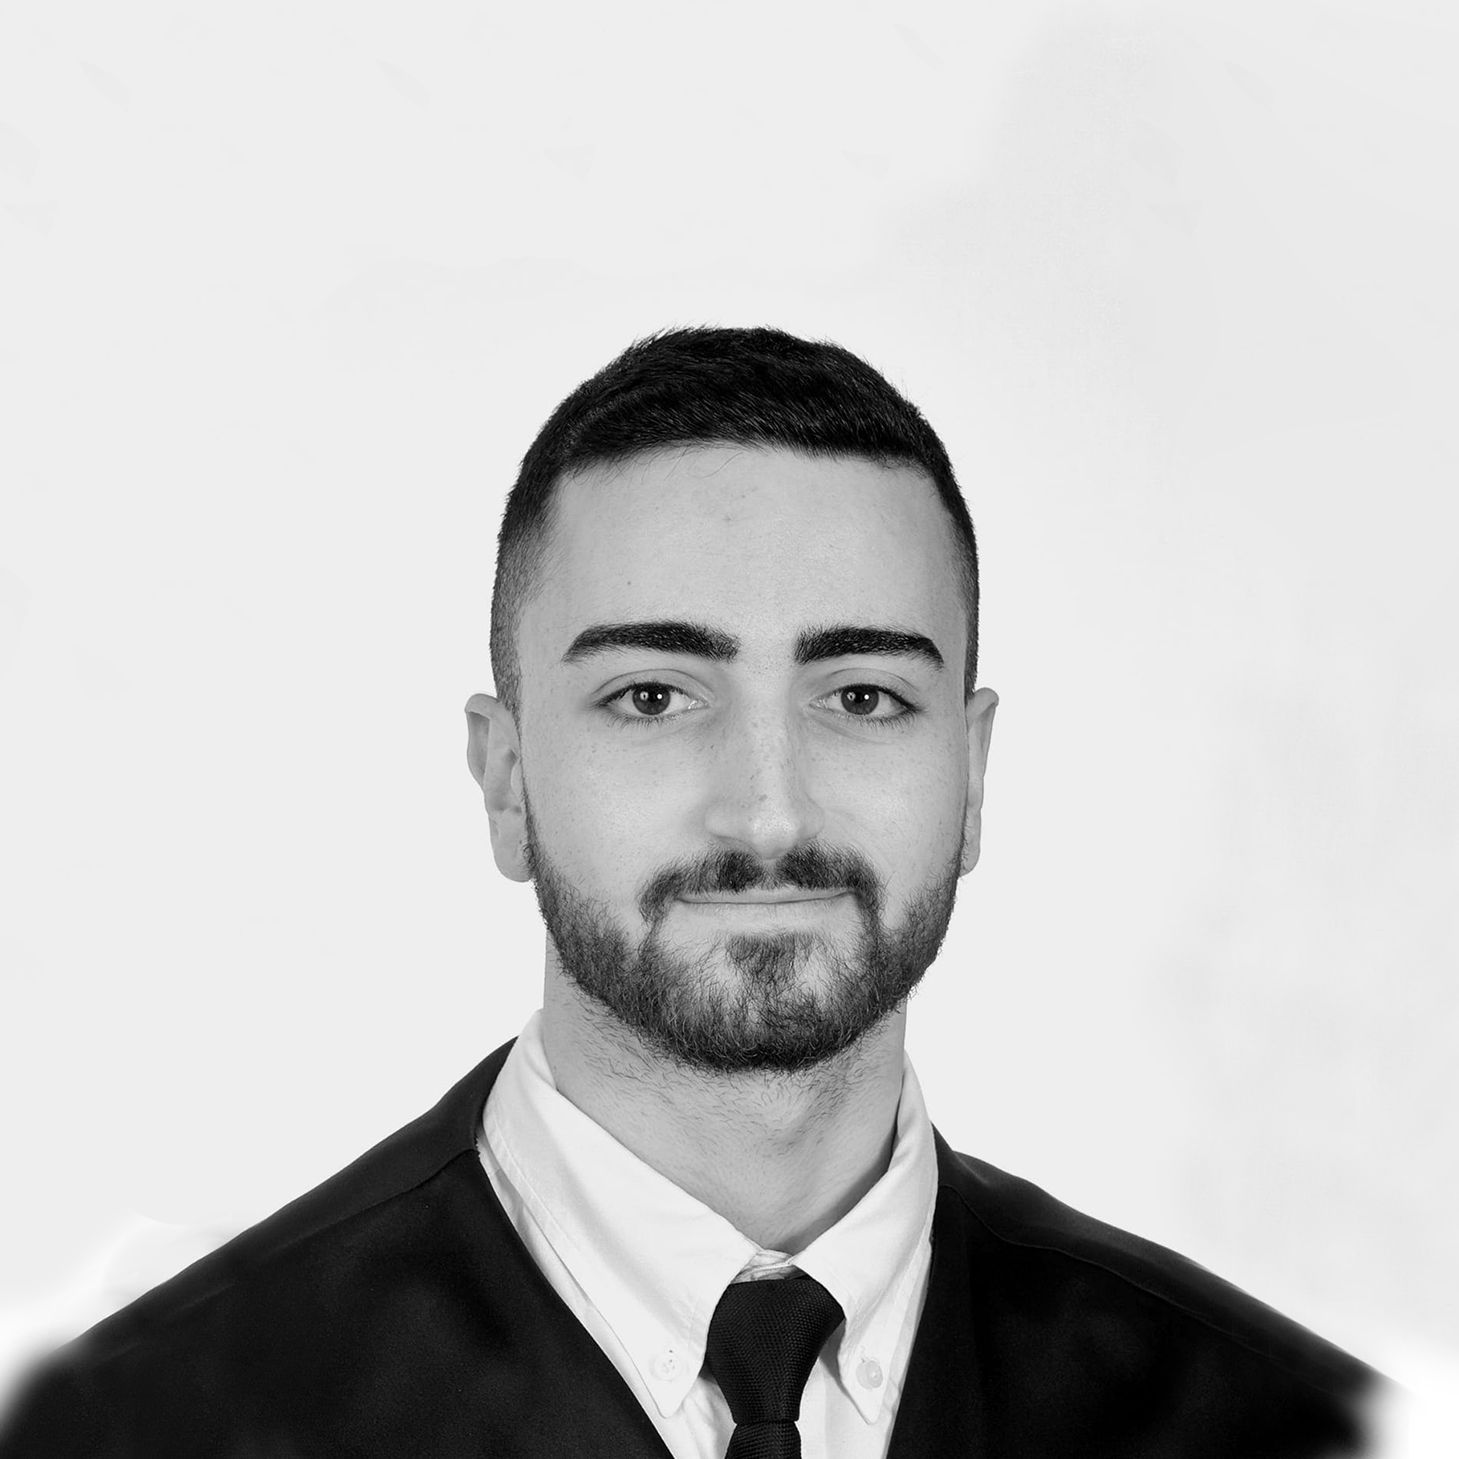 Tarek Saliba